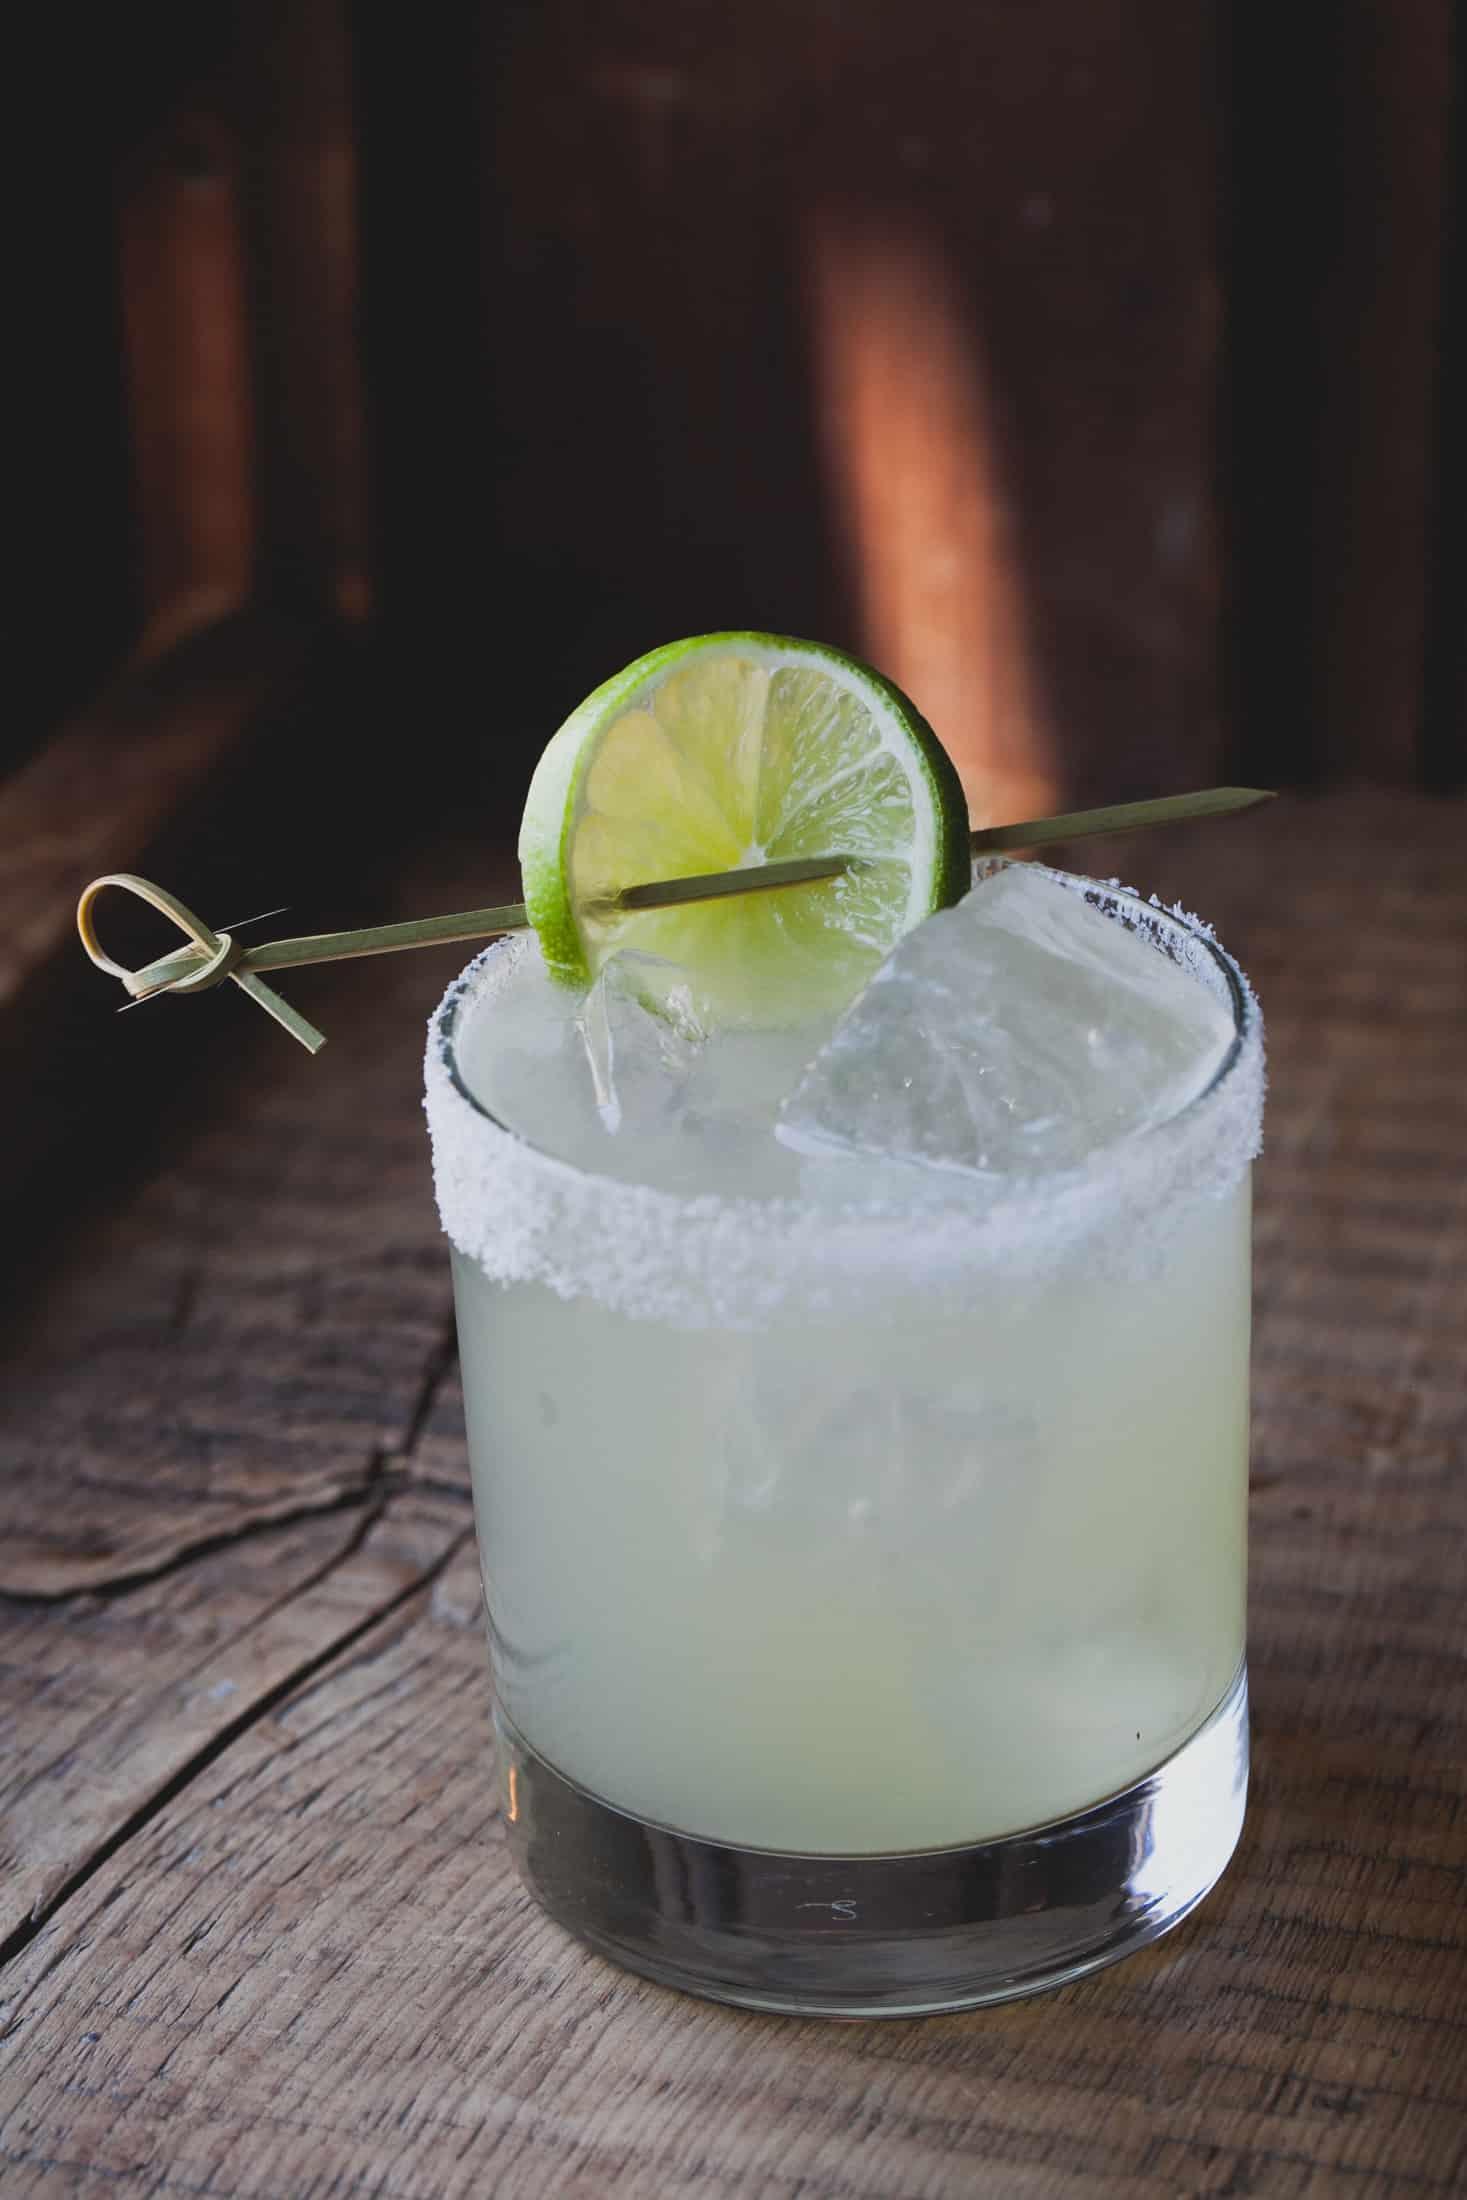 DonJulioSignatureMargarita - Recipe - Cocktails - Dreams in Heels